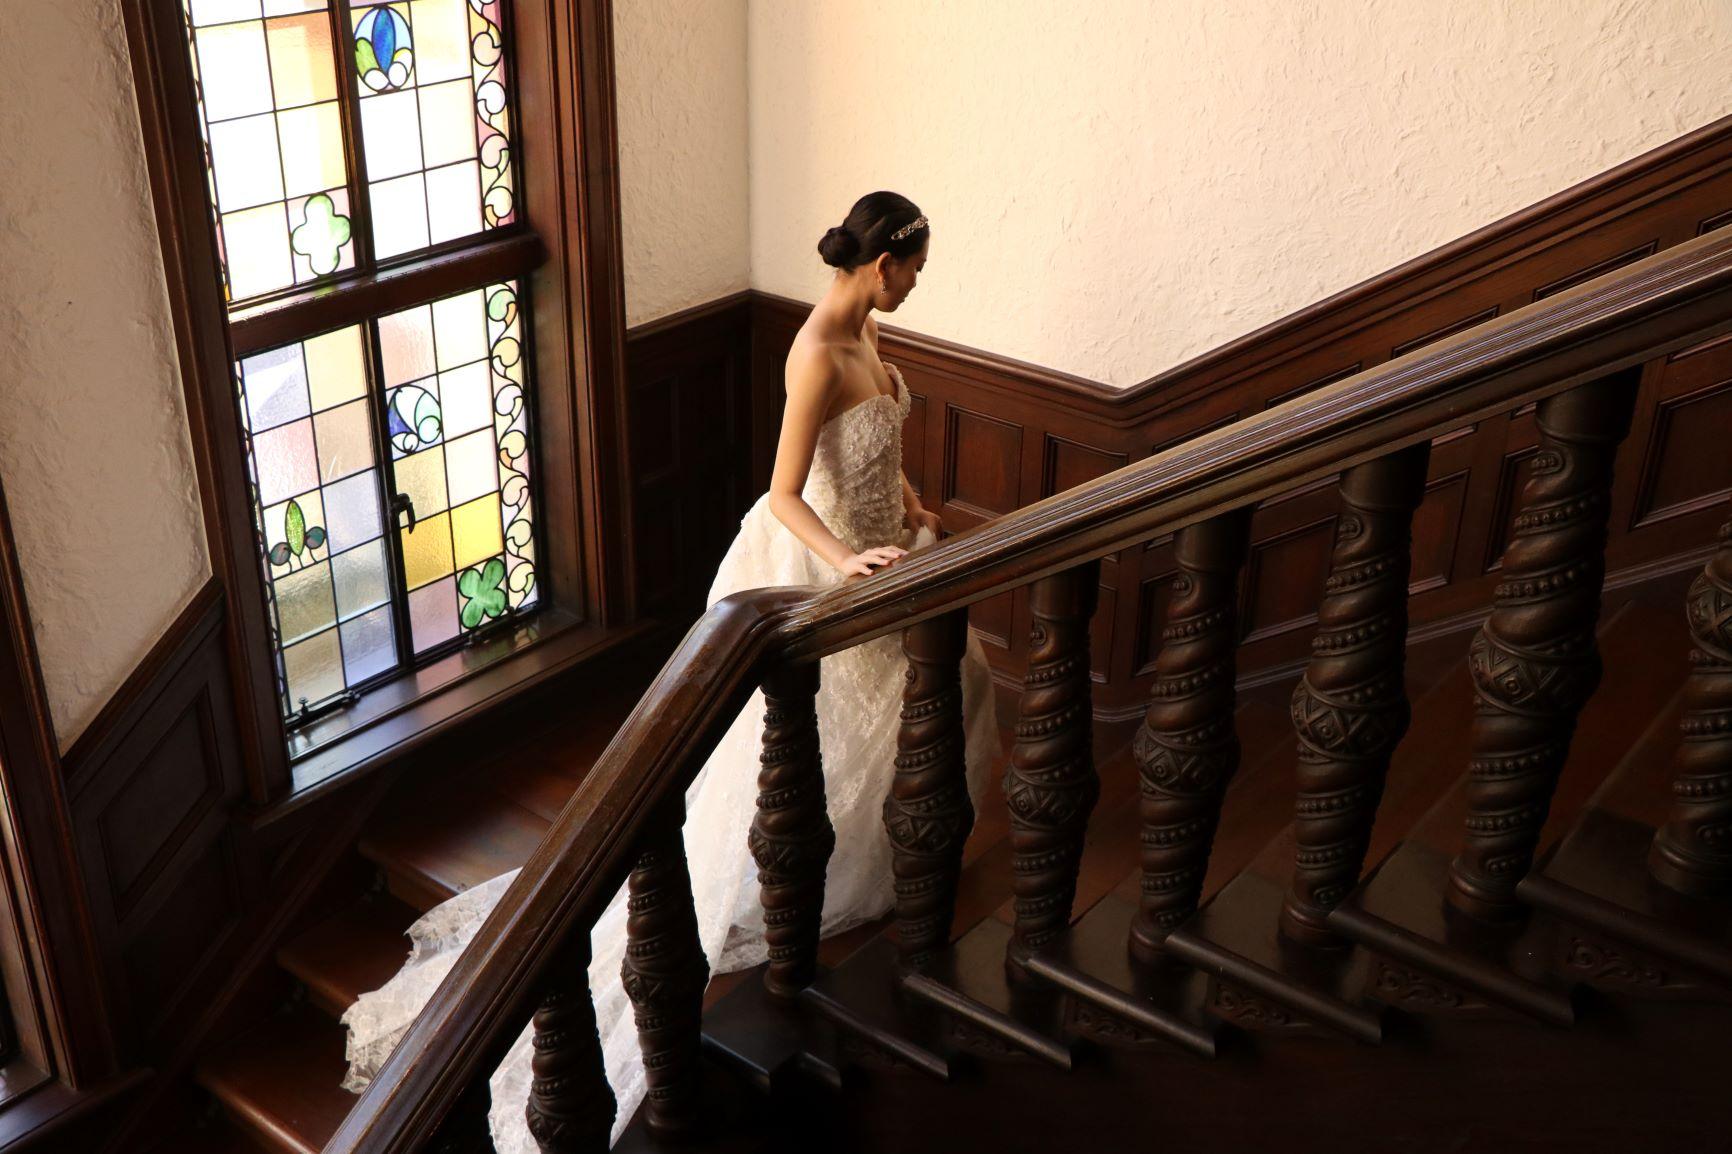 レトロでアンティークな会場と相性の良い上品なスレンダーラインのウエディングドレス